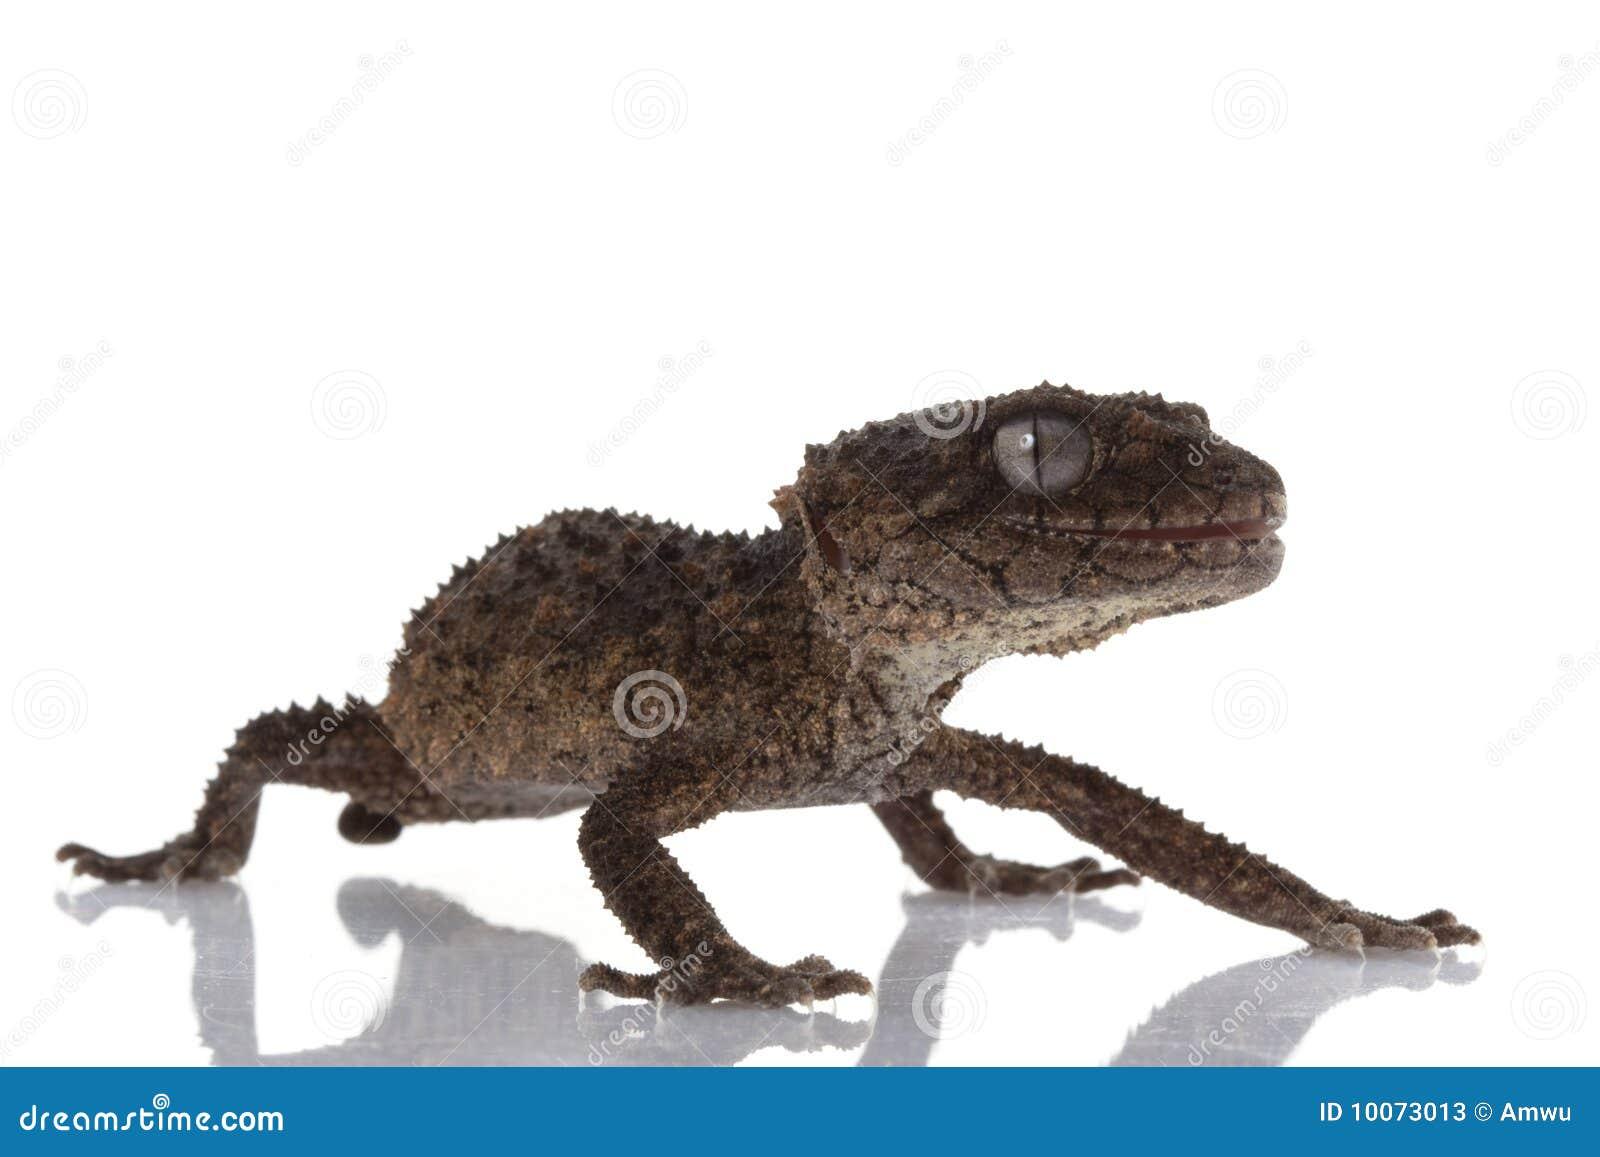 Prickly Rough Knob Tailed Gecko Stock Photos Image 10073013